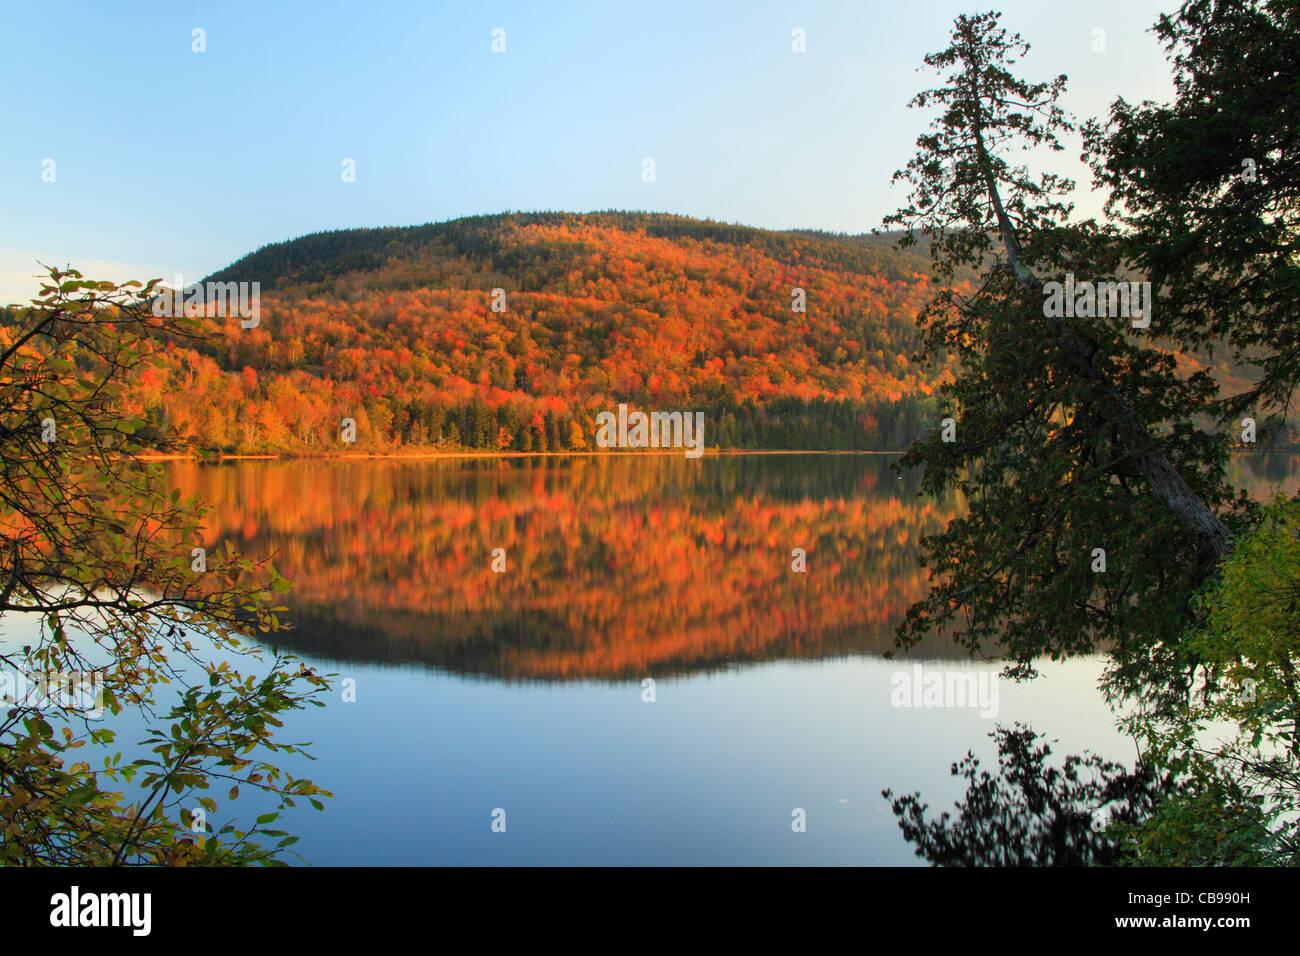 Sandy River Ponds Near Appalachian Trail, Rangeley, Maine, USA - Stock Image